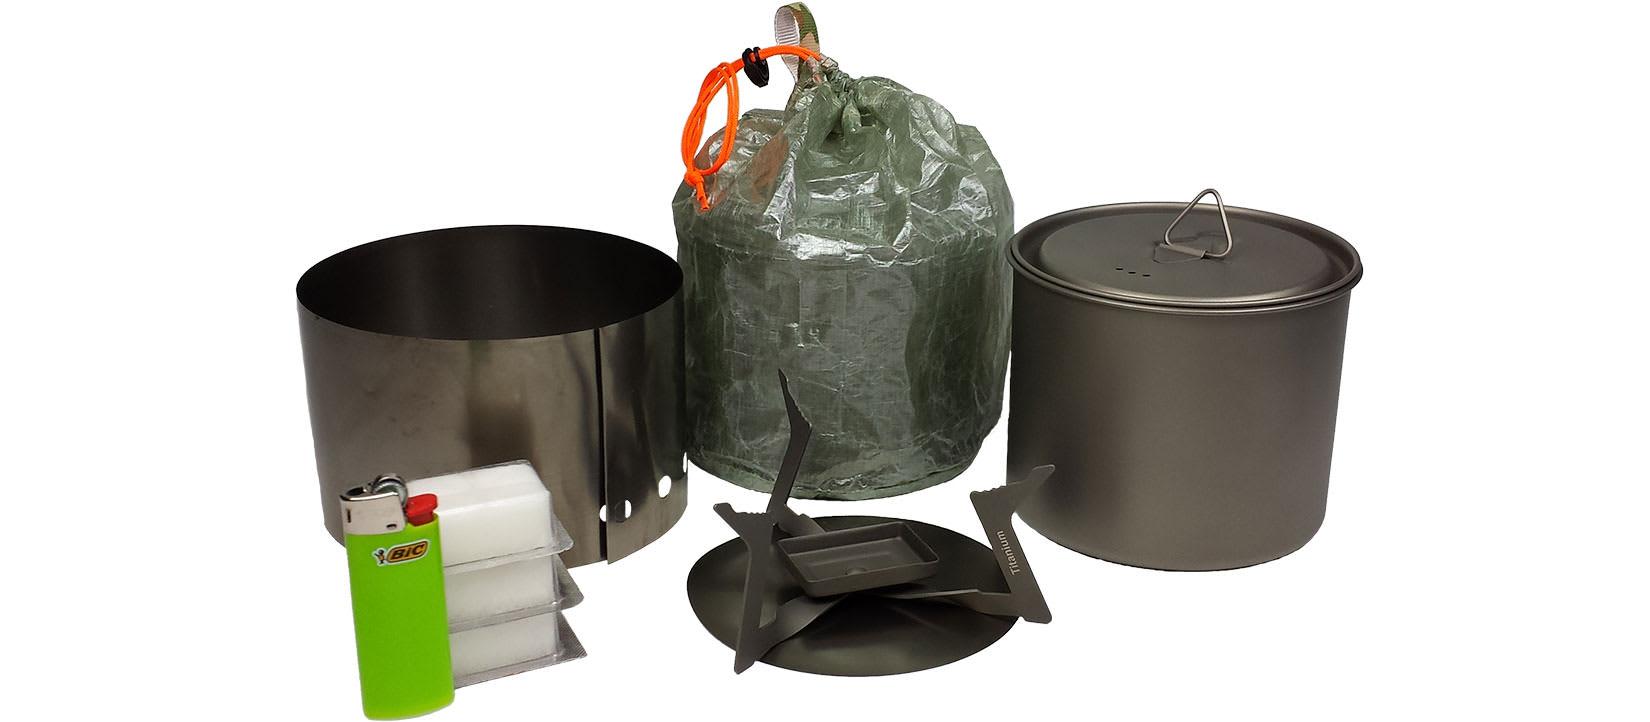 Titanium Solid Fuel Cook System